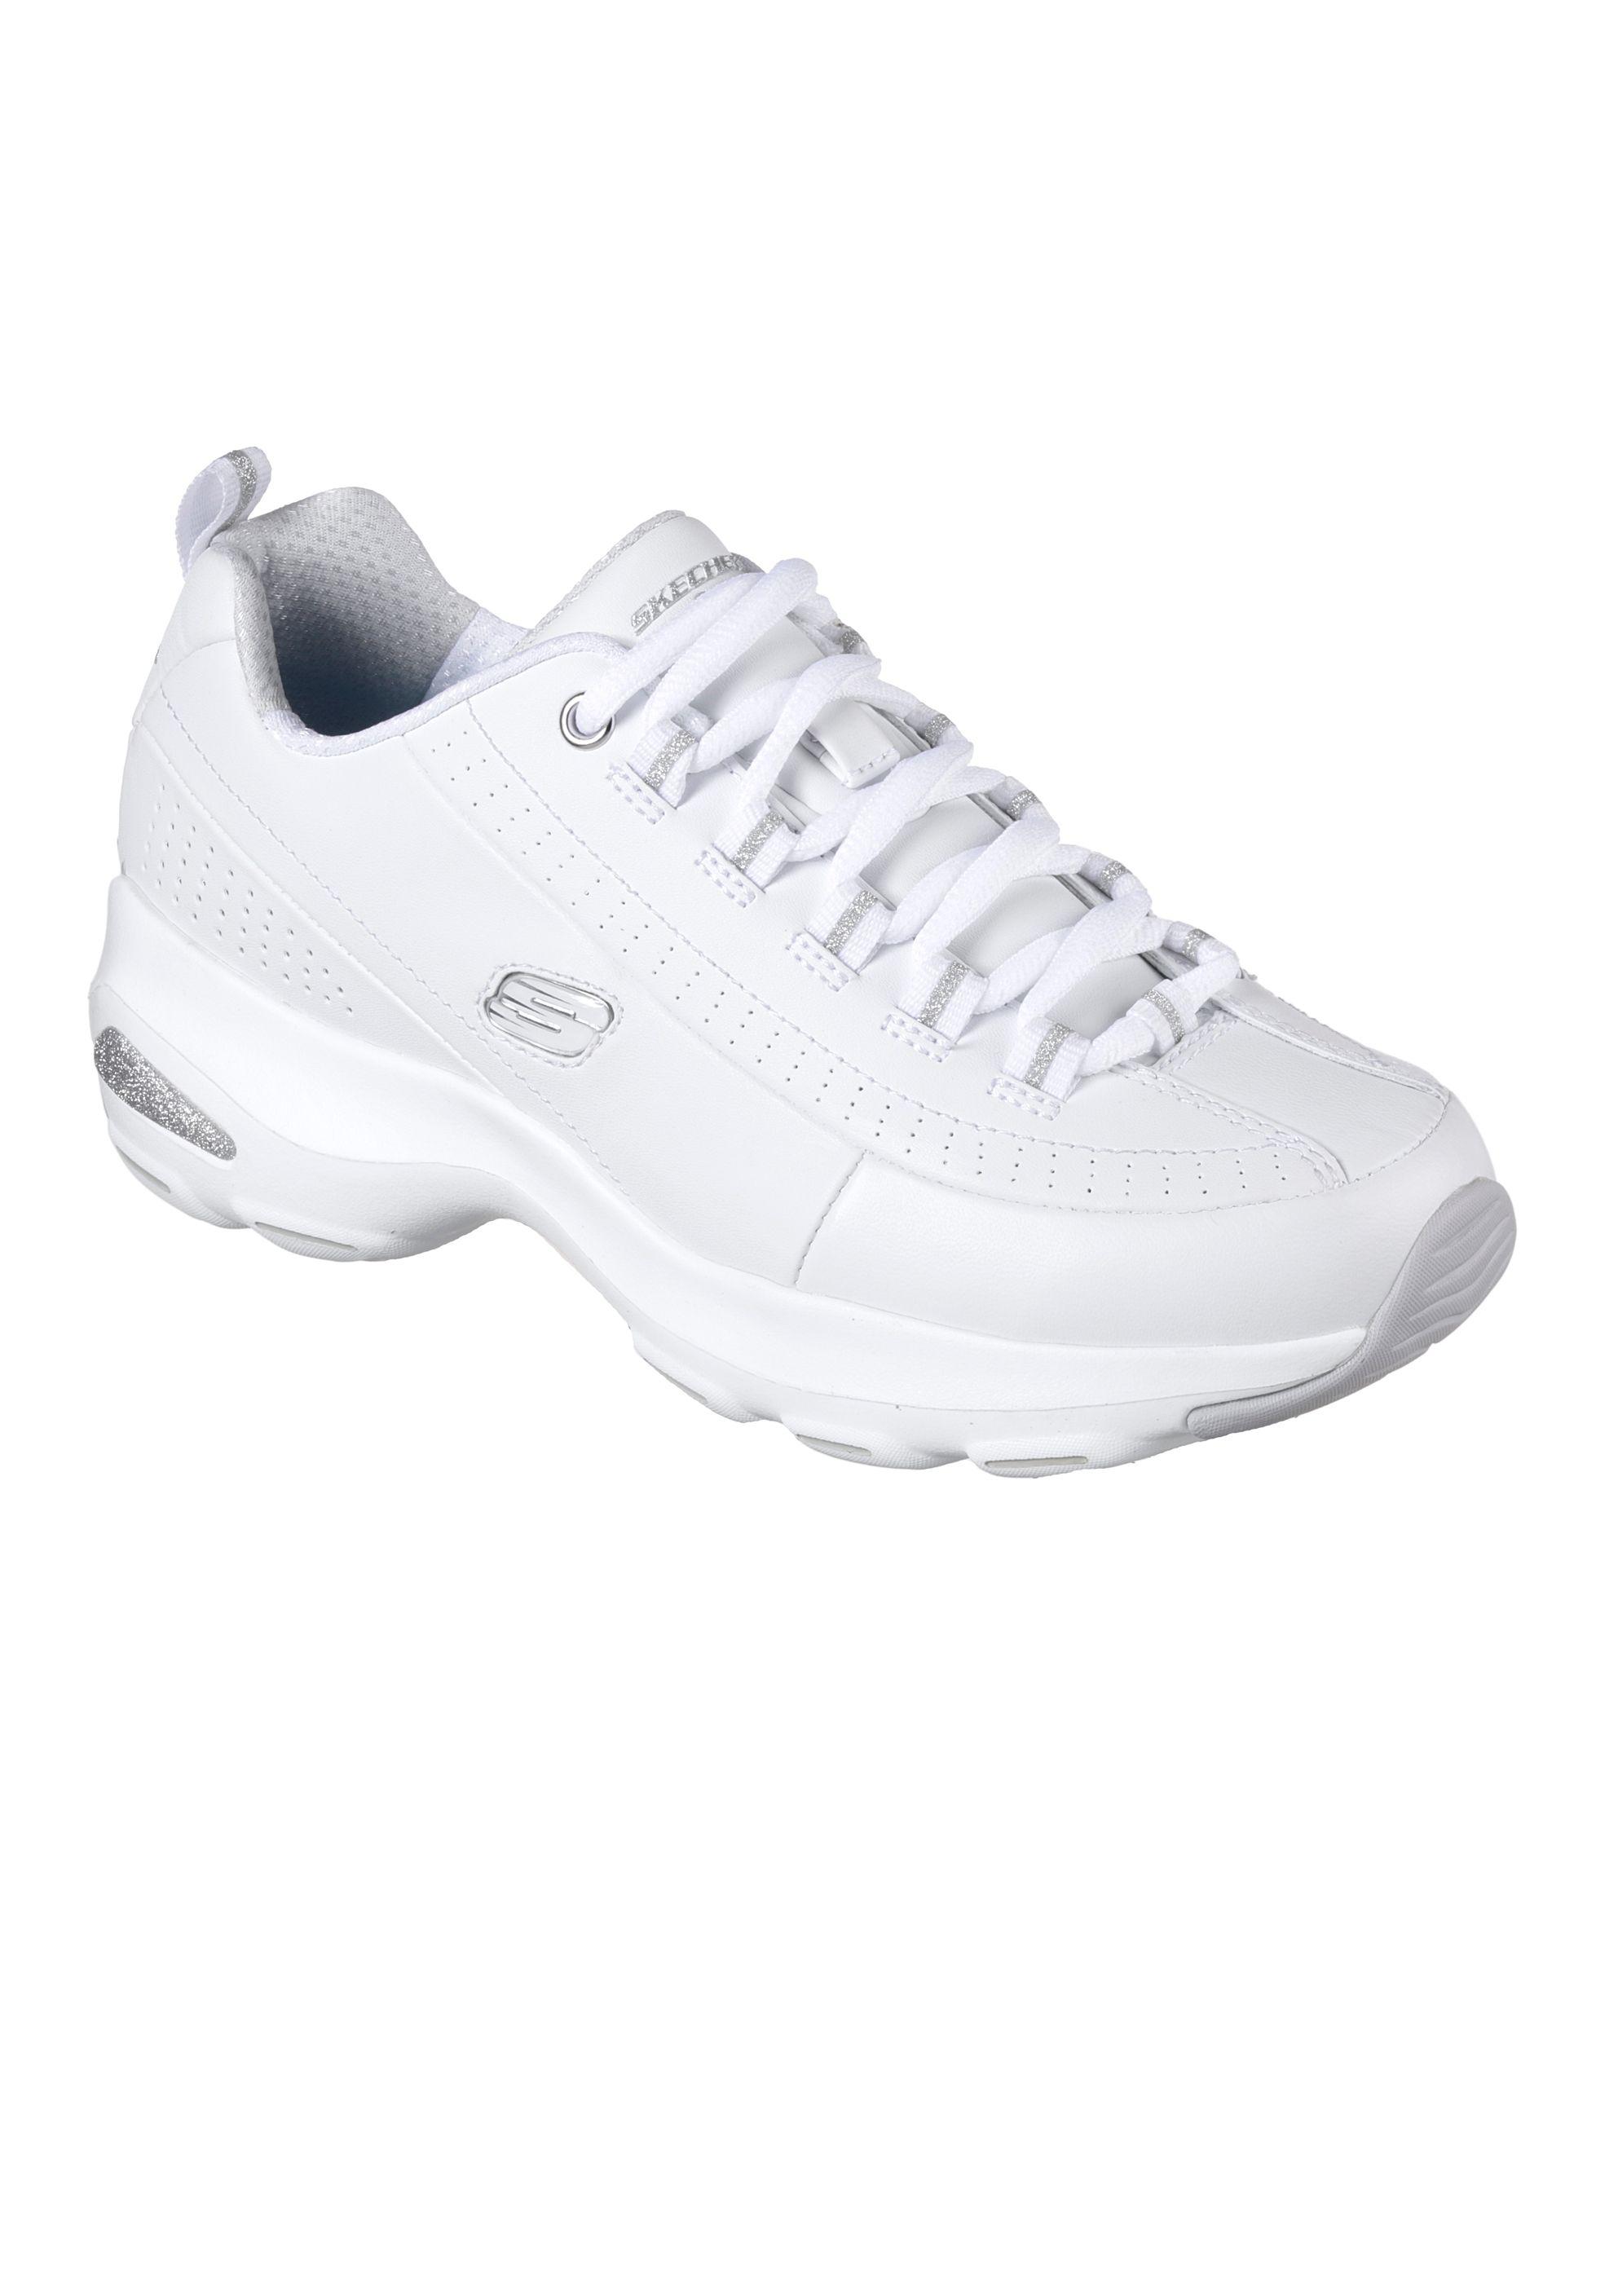 zapatillas skechers mujer verano 2018 blancas